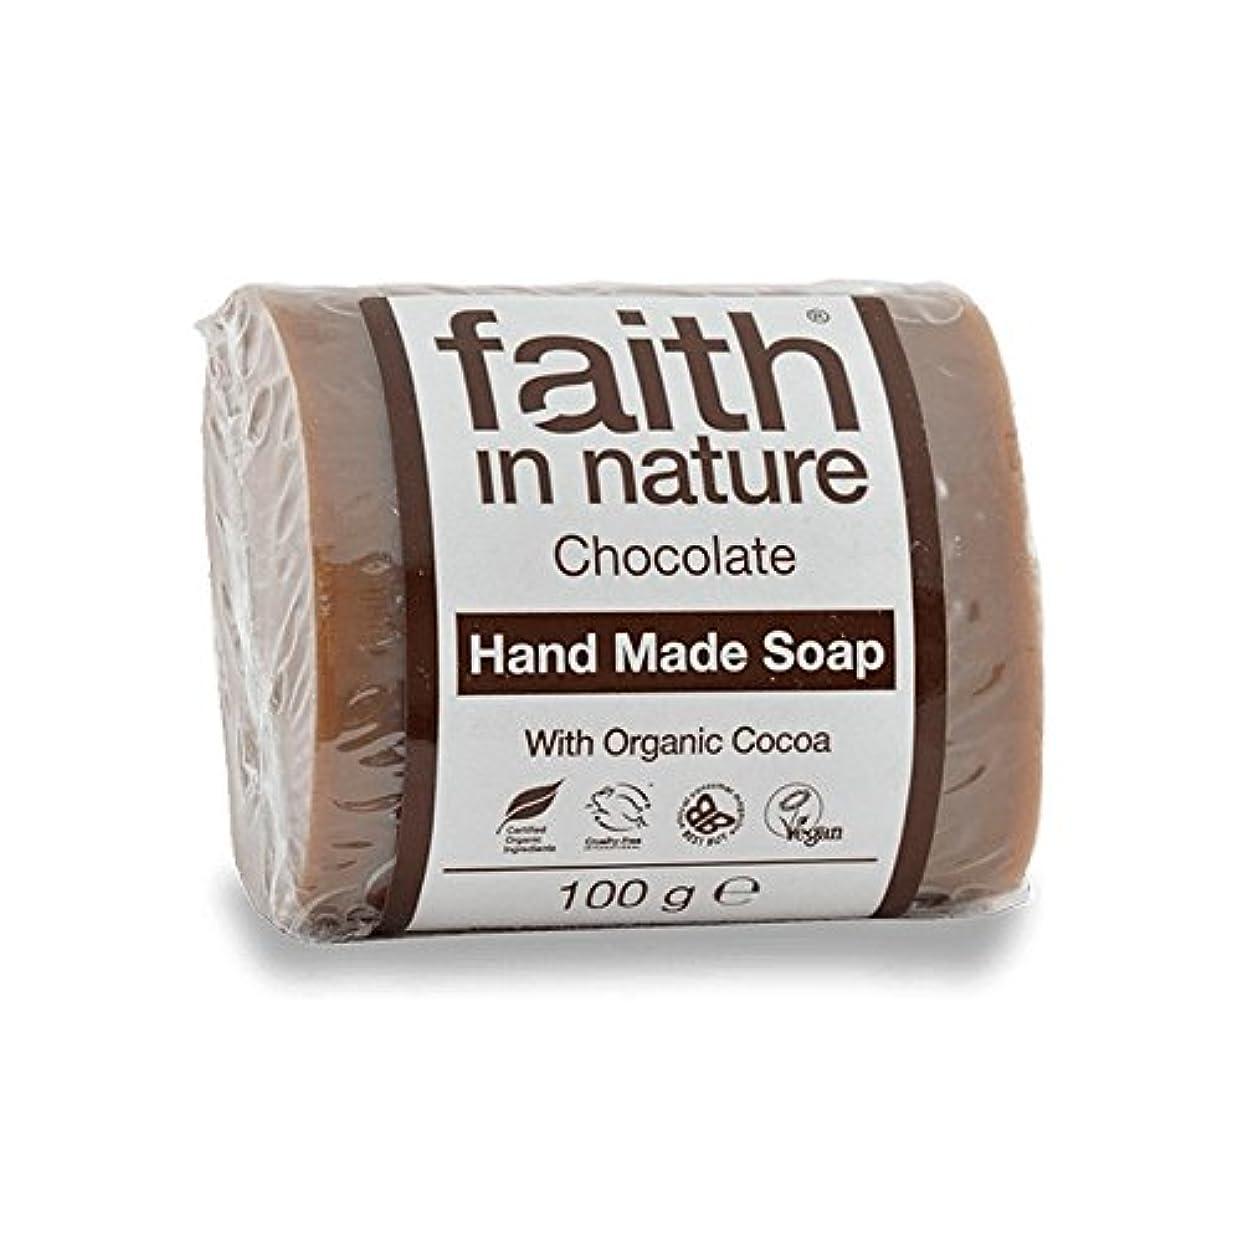 狂った囲まれた晩餐自然チョコレート石鹸100グラムの信仰 - Faith in Nature Chocolate Soap 100g (Faith in Nature) [並行輸入品]